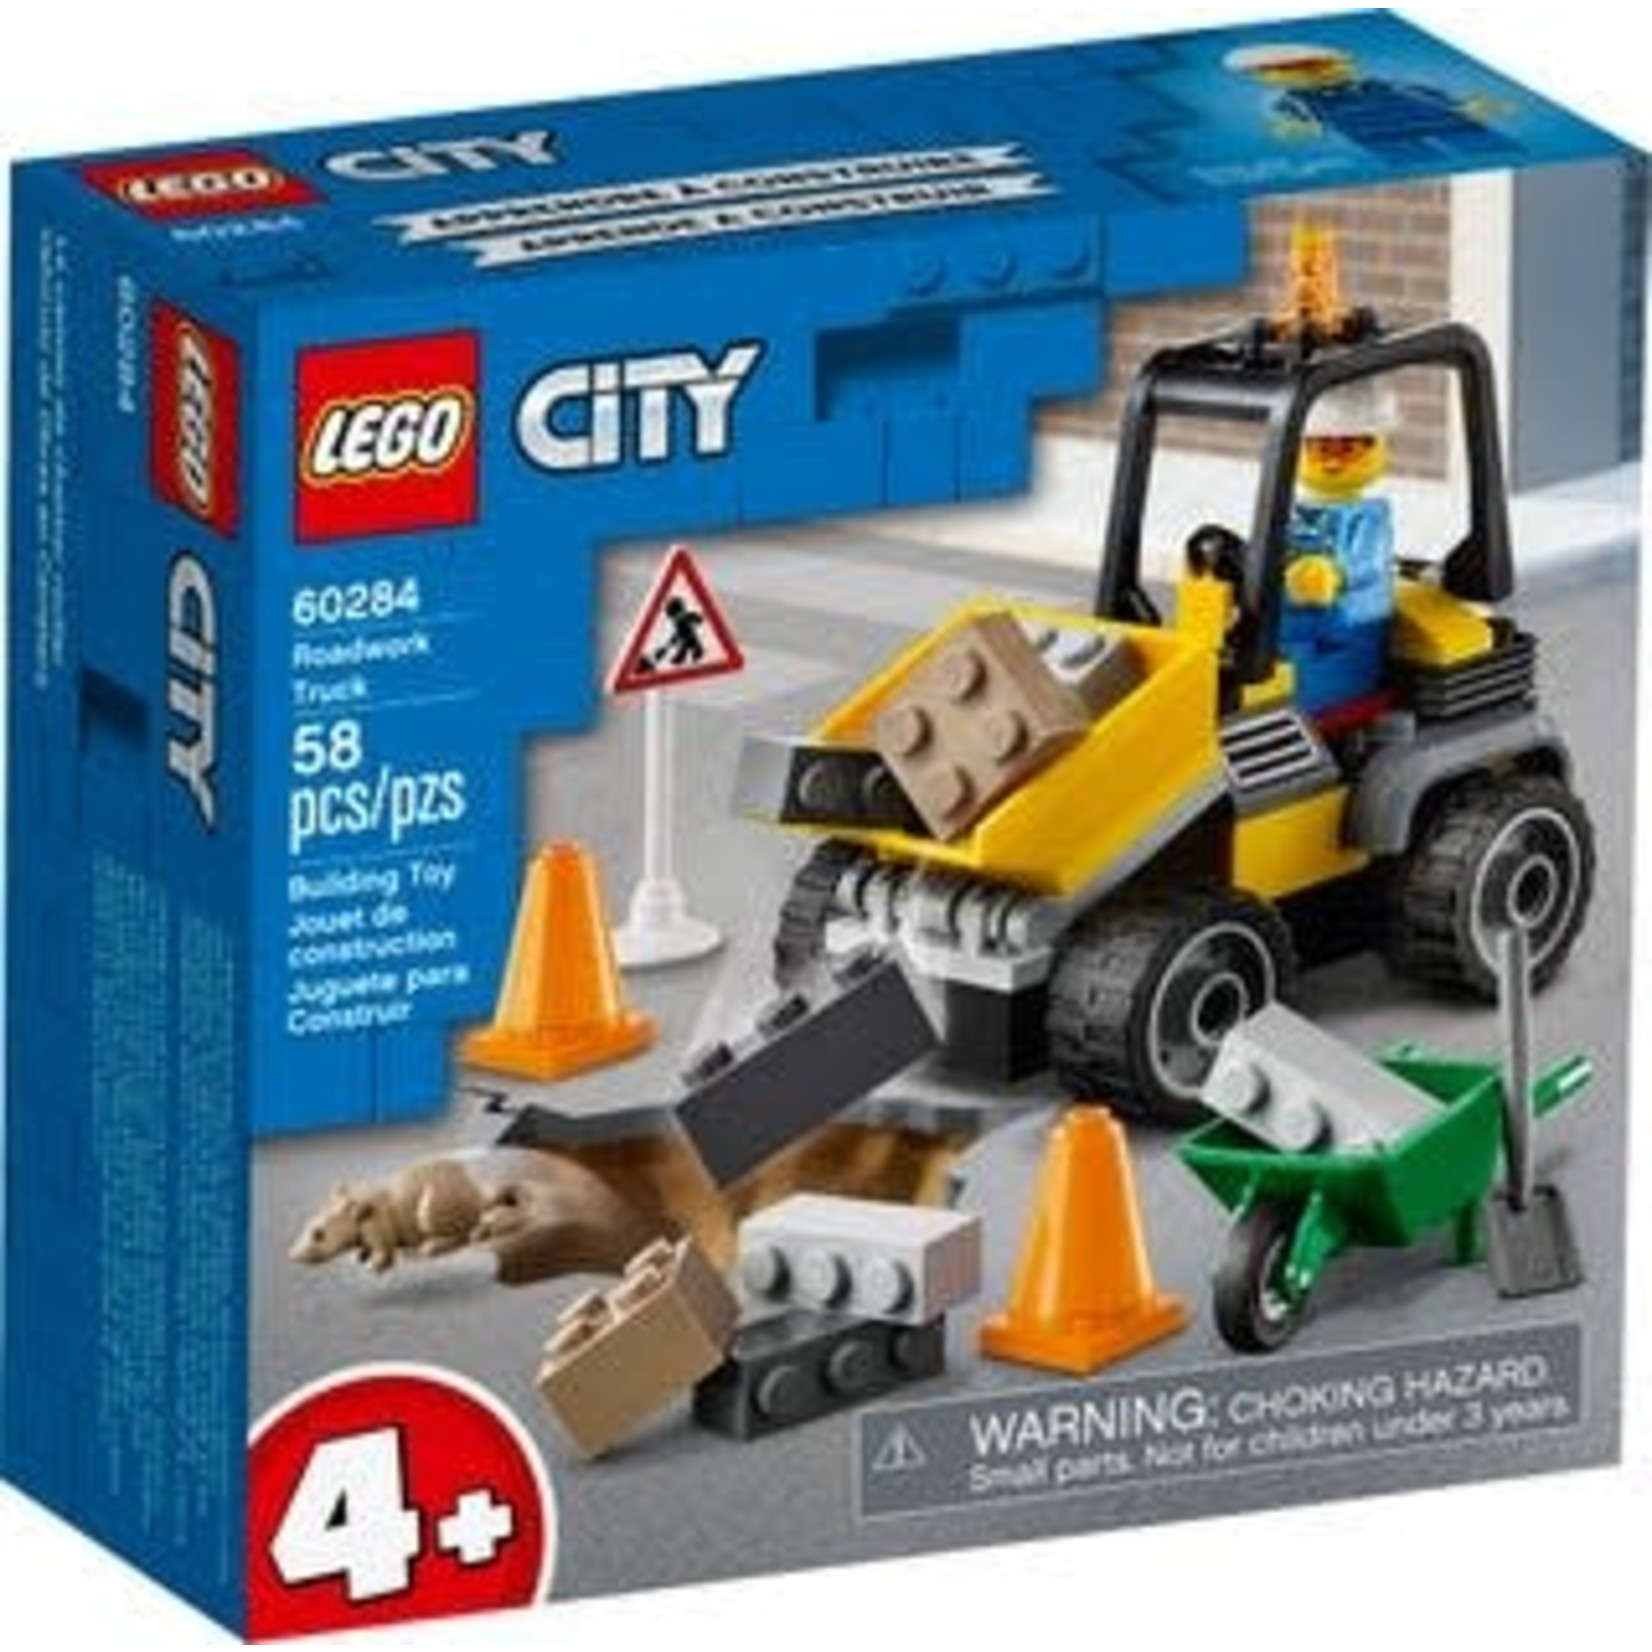 LEGO LEGO City Roadwork Truck